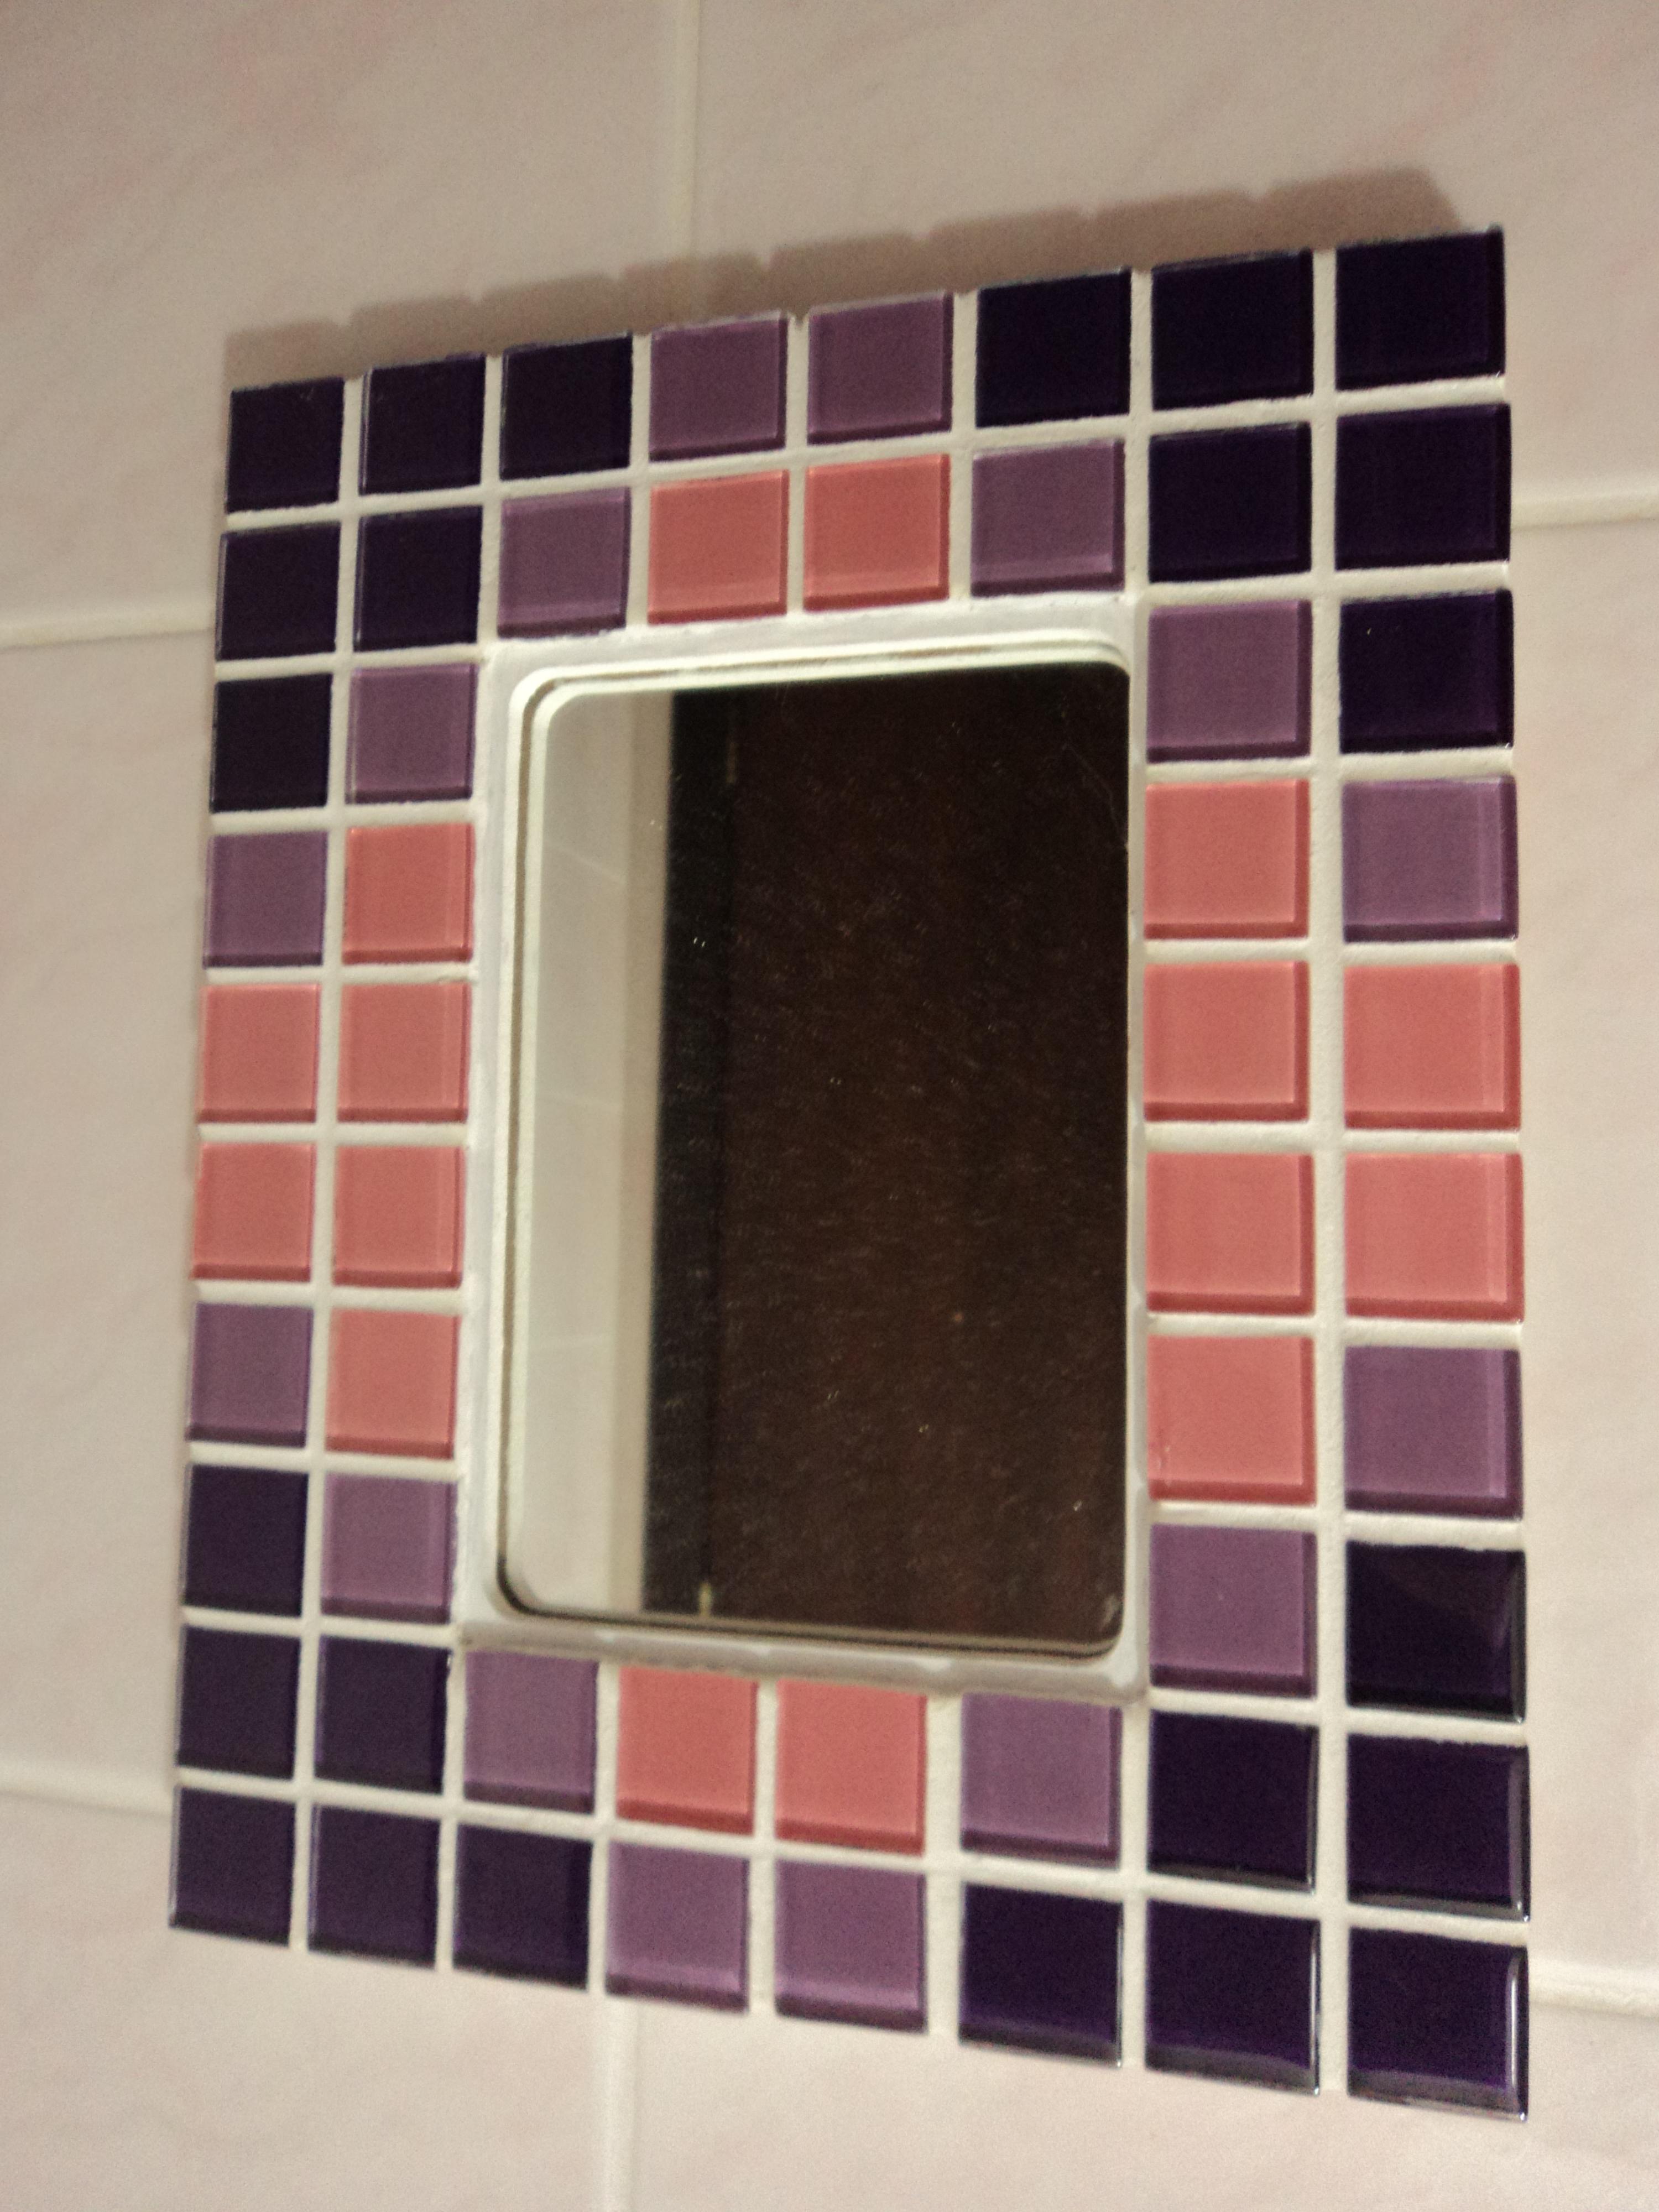 Mosaico Em Pastilhas De Vidro Cerâmica Pedras E Vidro Pictures to pin  #8E423D 3000x4000 Banheiro Com Pastilhas Lilas